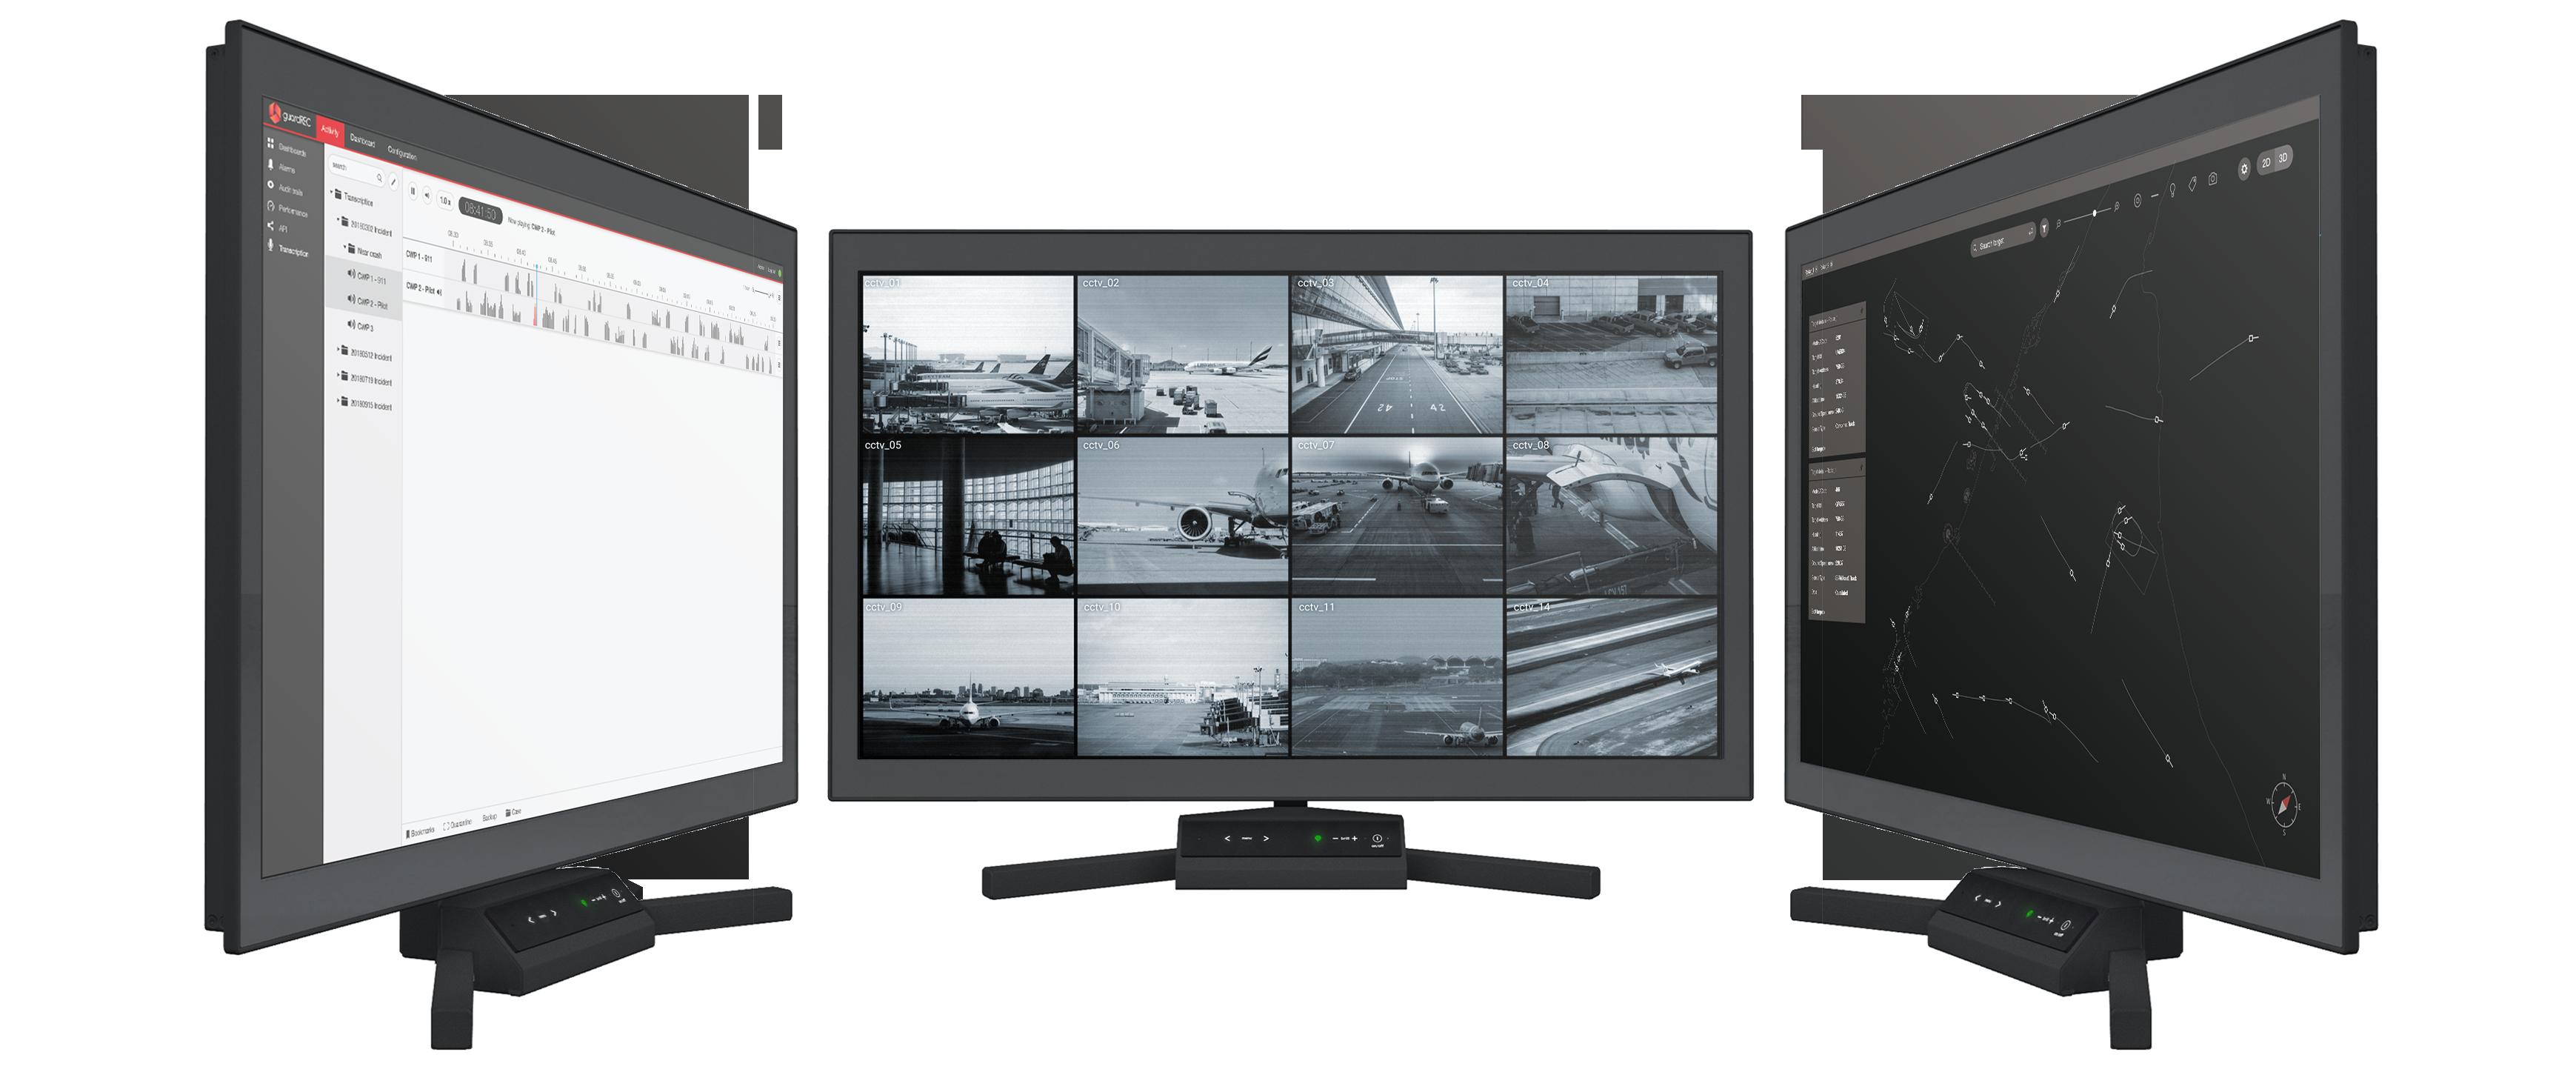 GuardREC_ATC_Recording_Solution_43_monitors